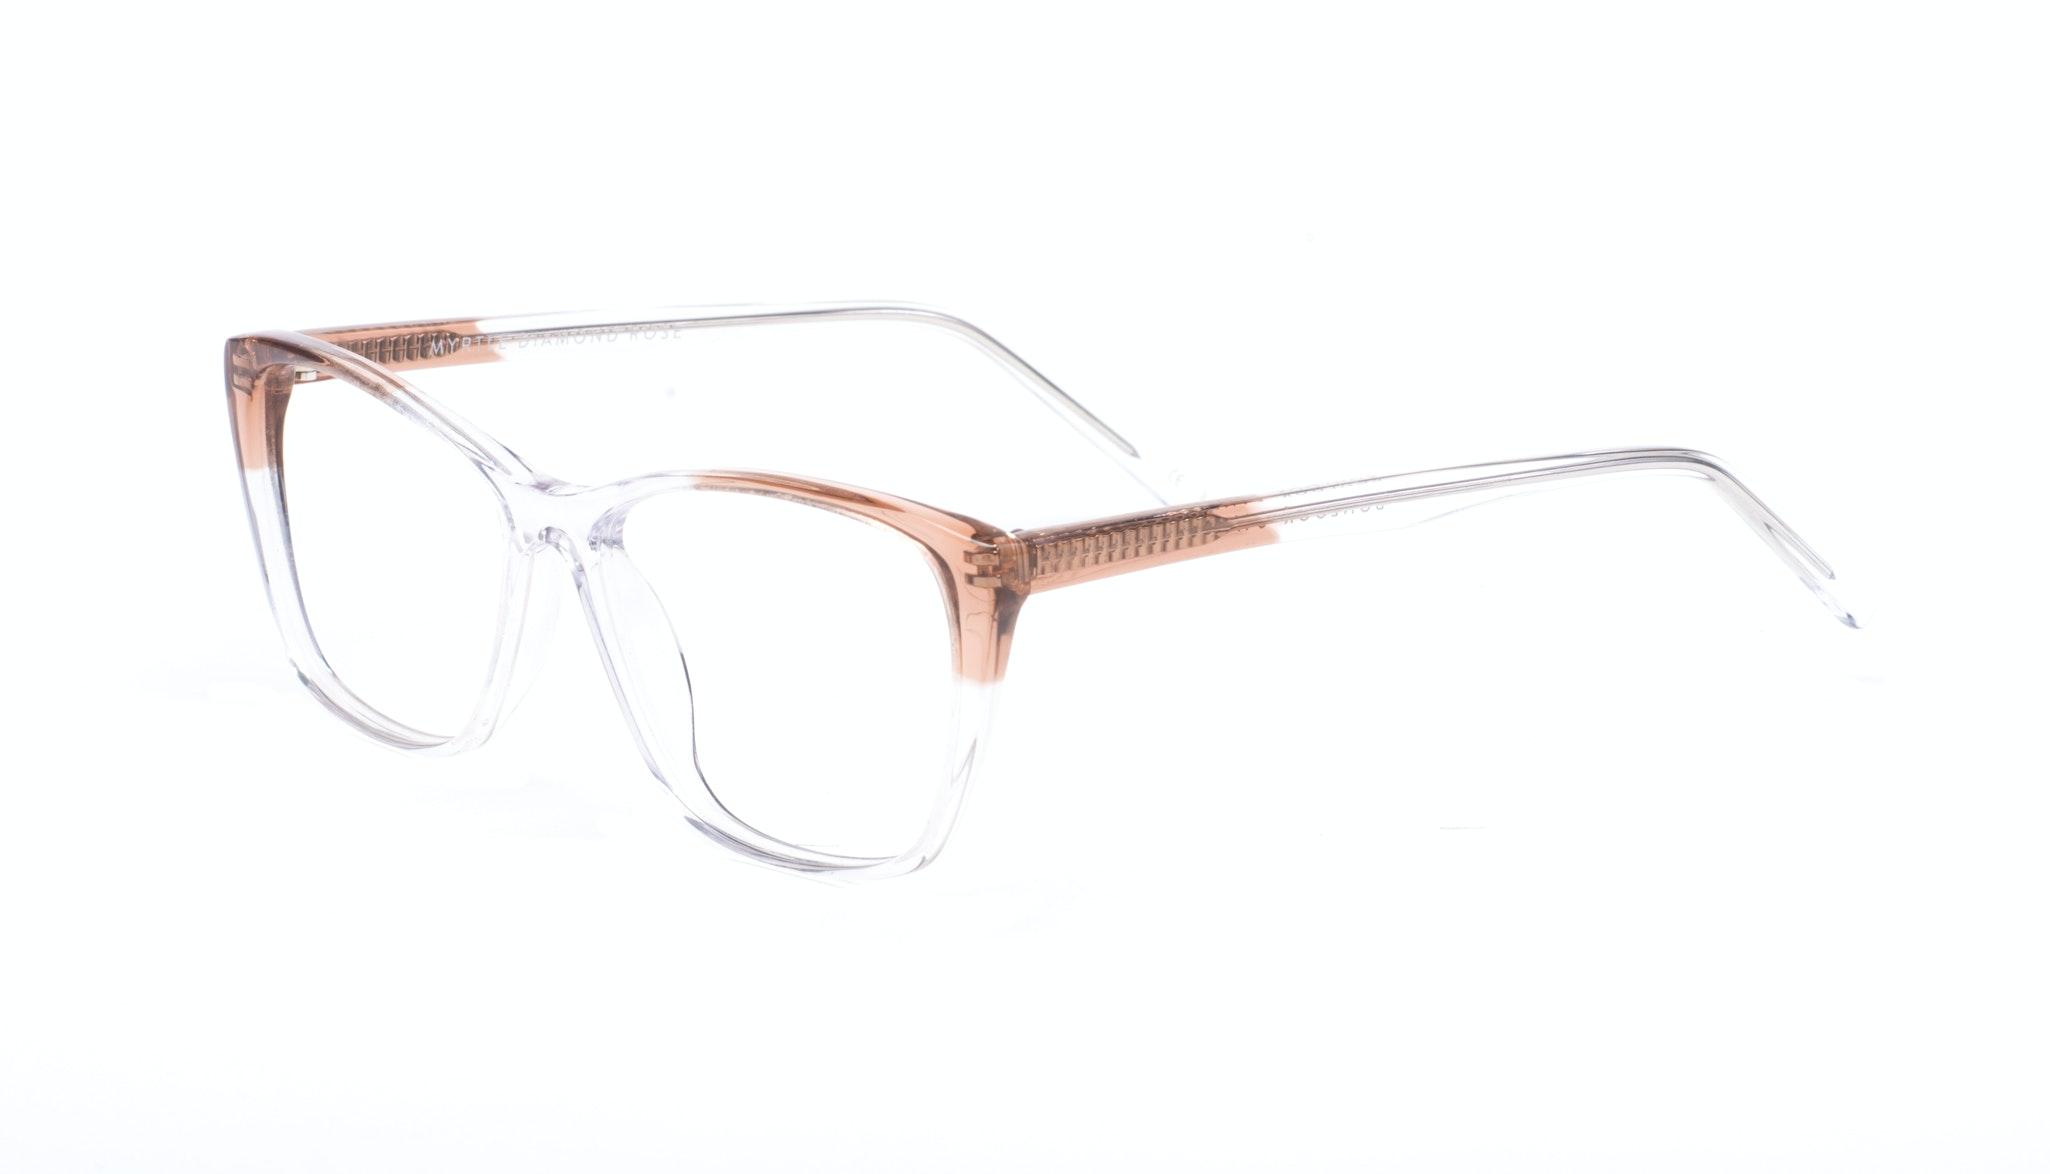 Affordable Fashion Glasses Cat Eye Rectangle Eyeglasses Women Myrtle Diamond Rose Tilt